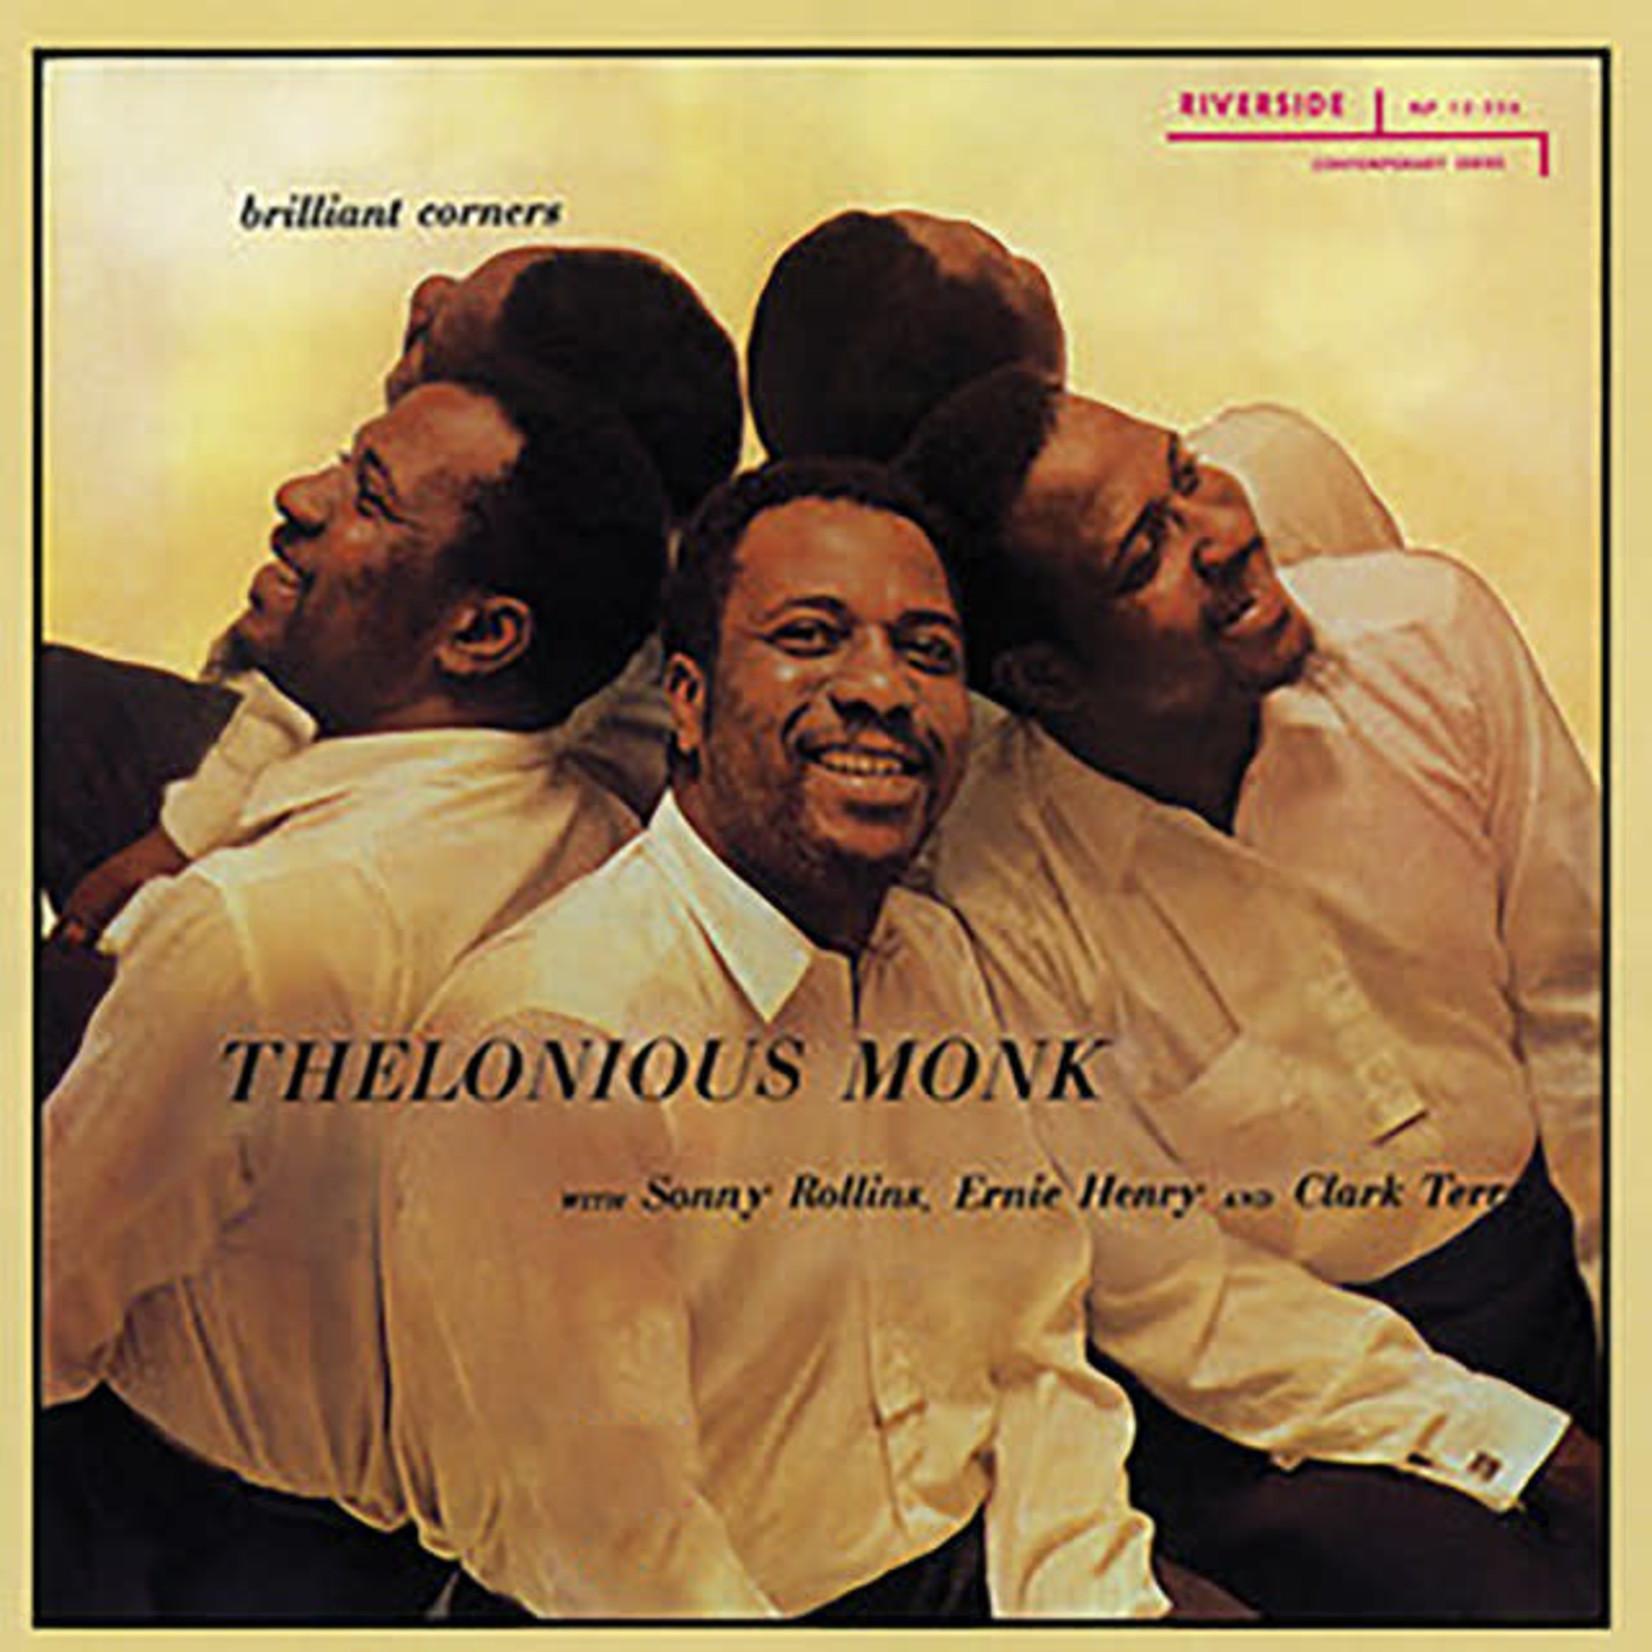 Vinyl Thelonious Monk - Brilliant Corners